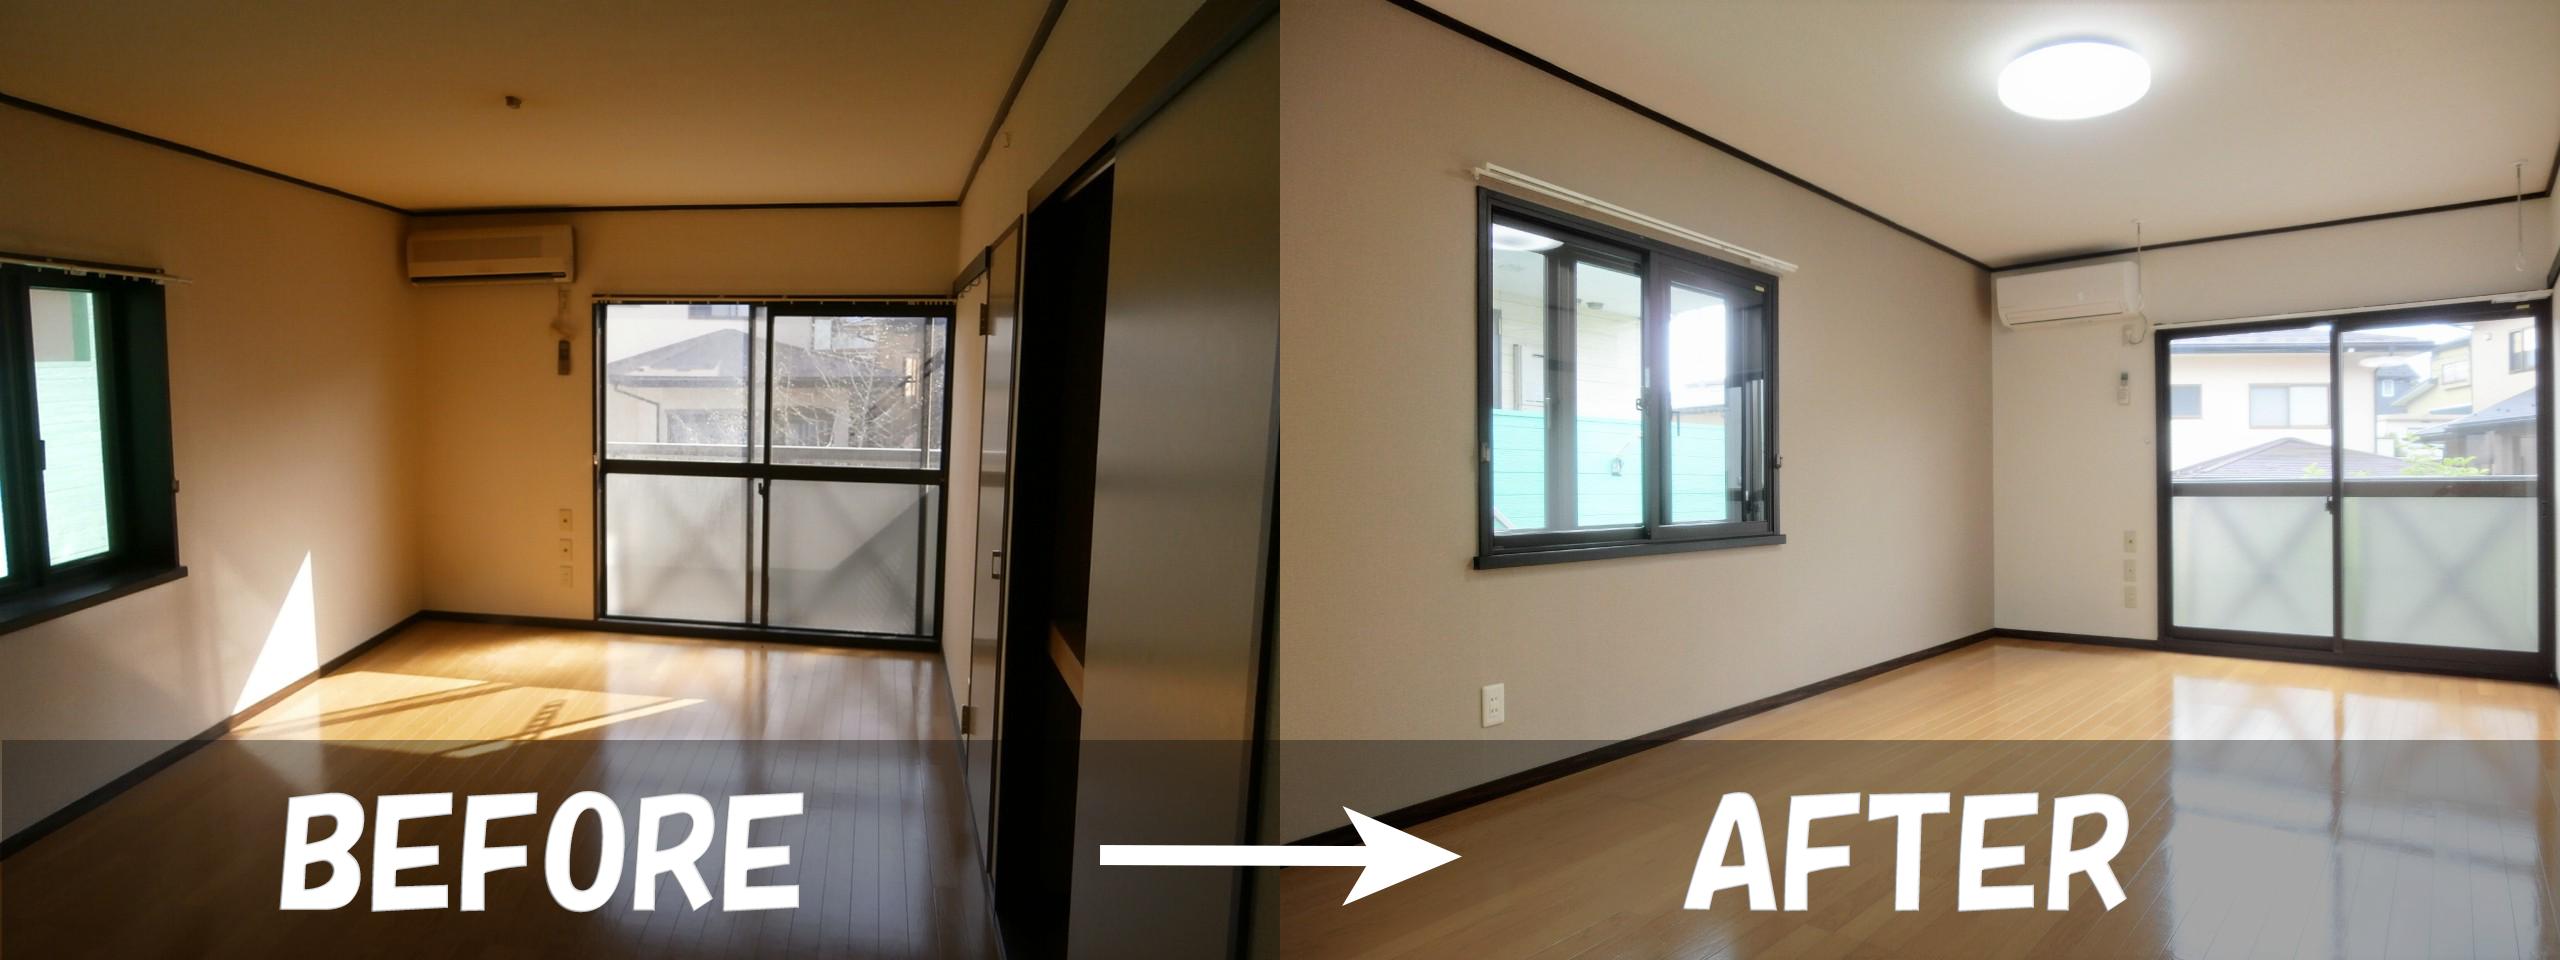 入居者が決まらないボロアパートをリフォームするコツと、安い費用でリノベーションする方法を解説!